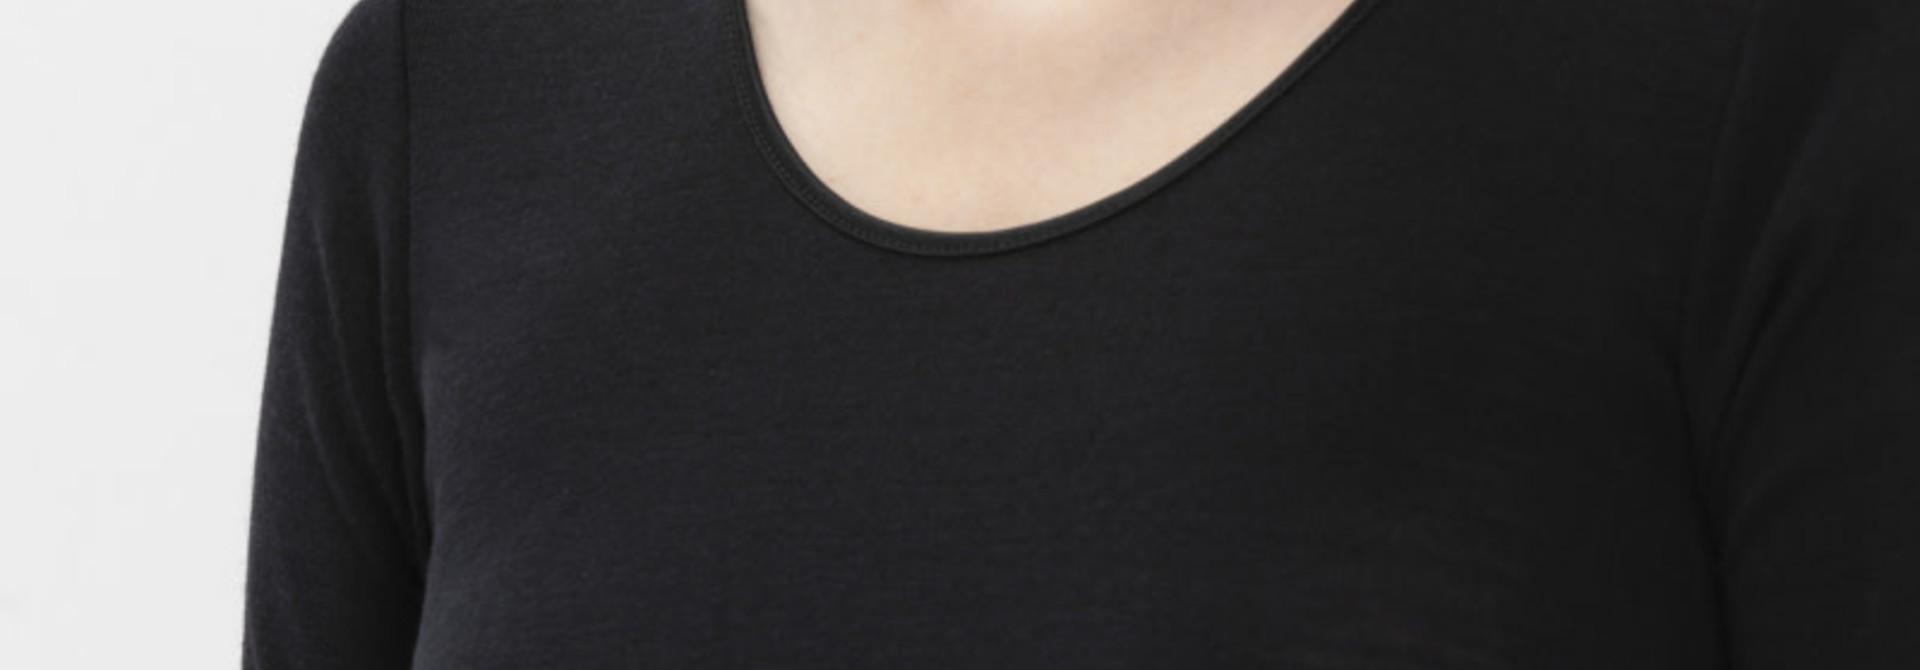 T-shirt Exquisite 66576 - zwart